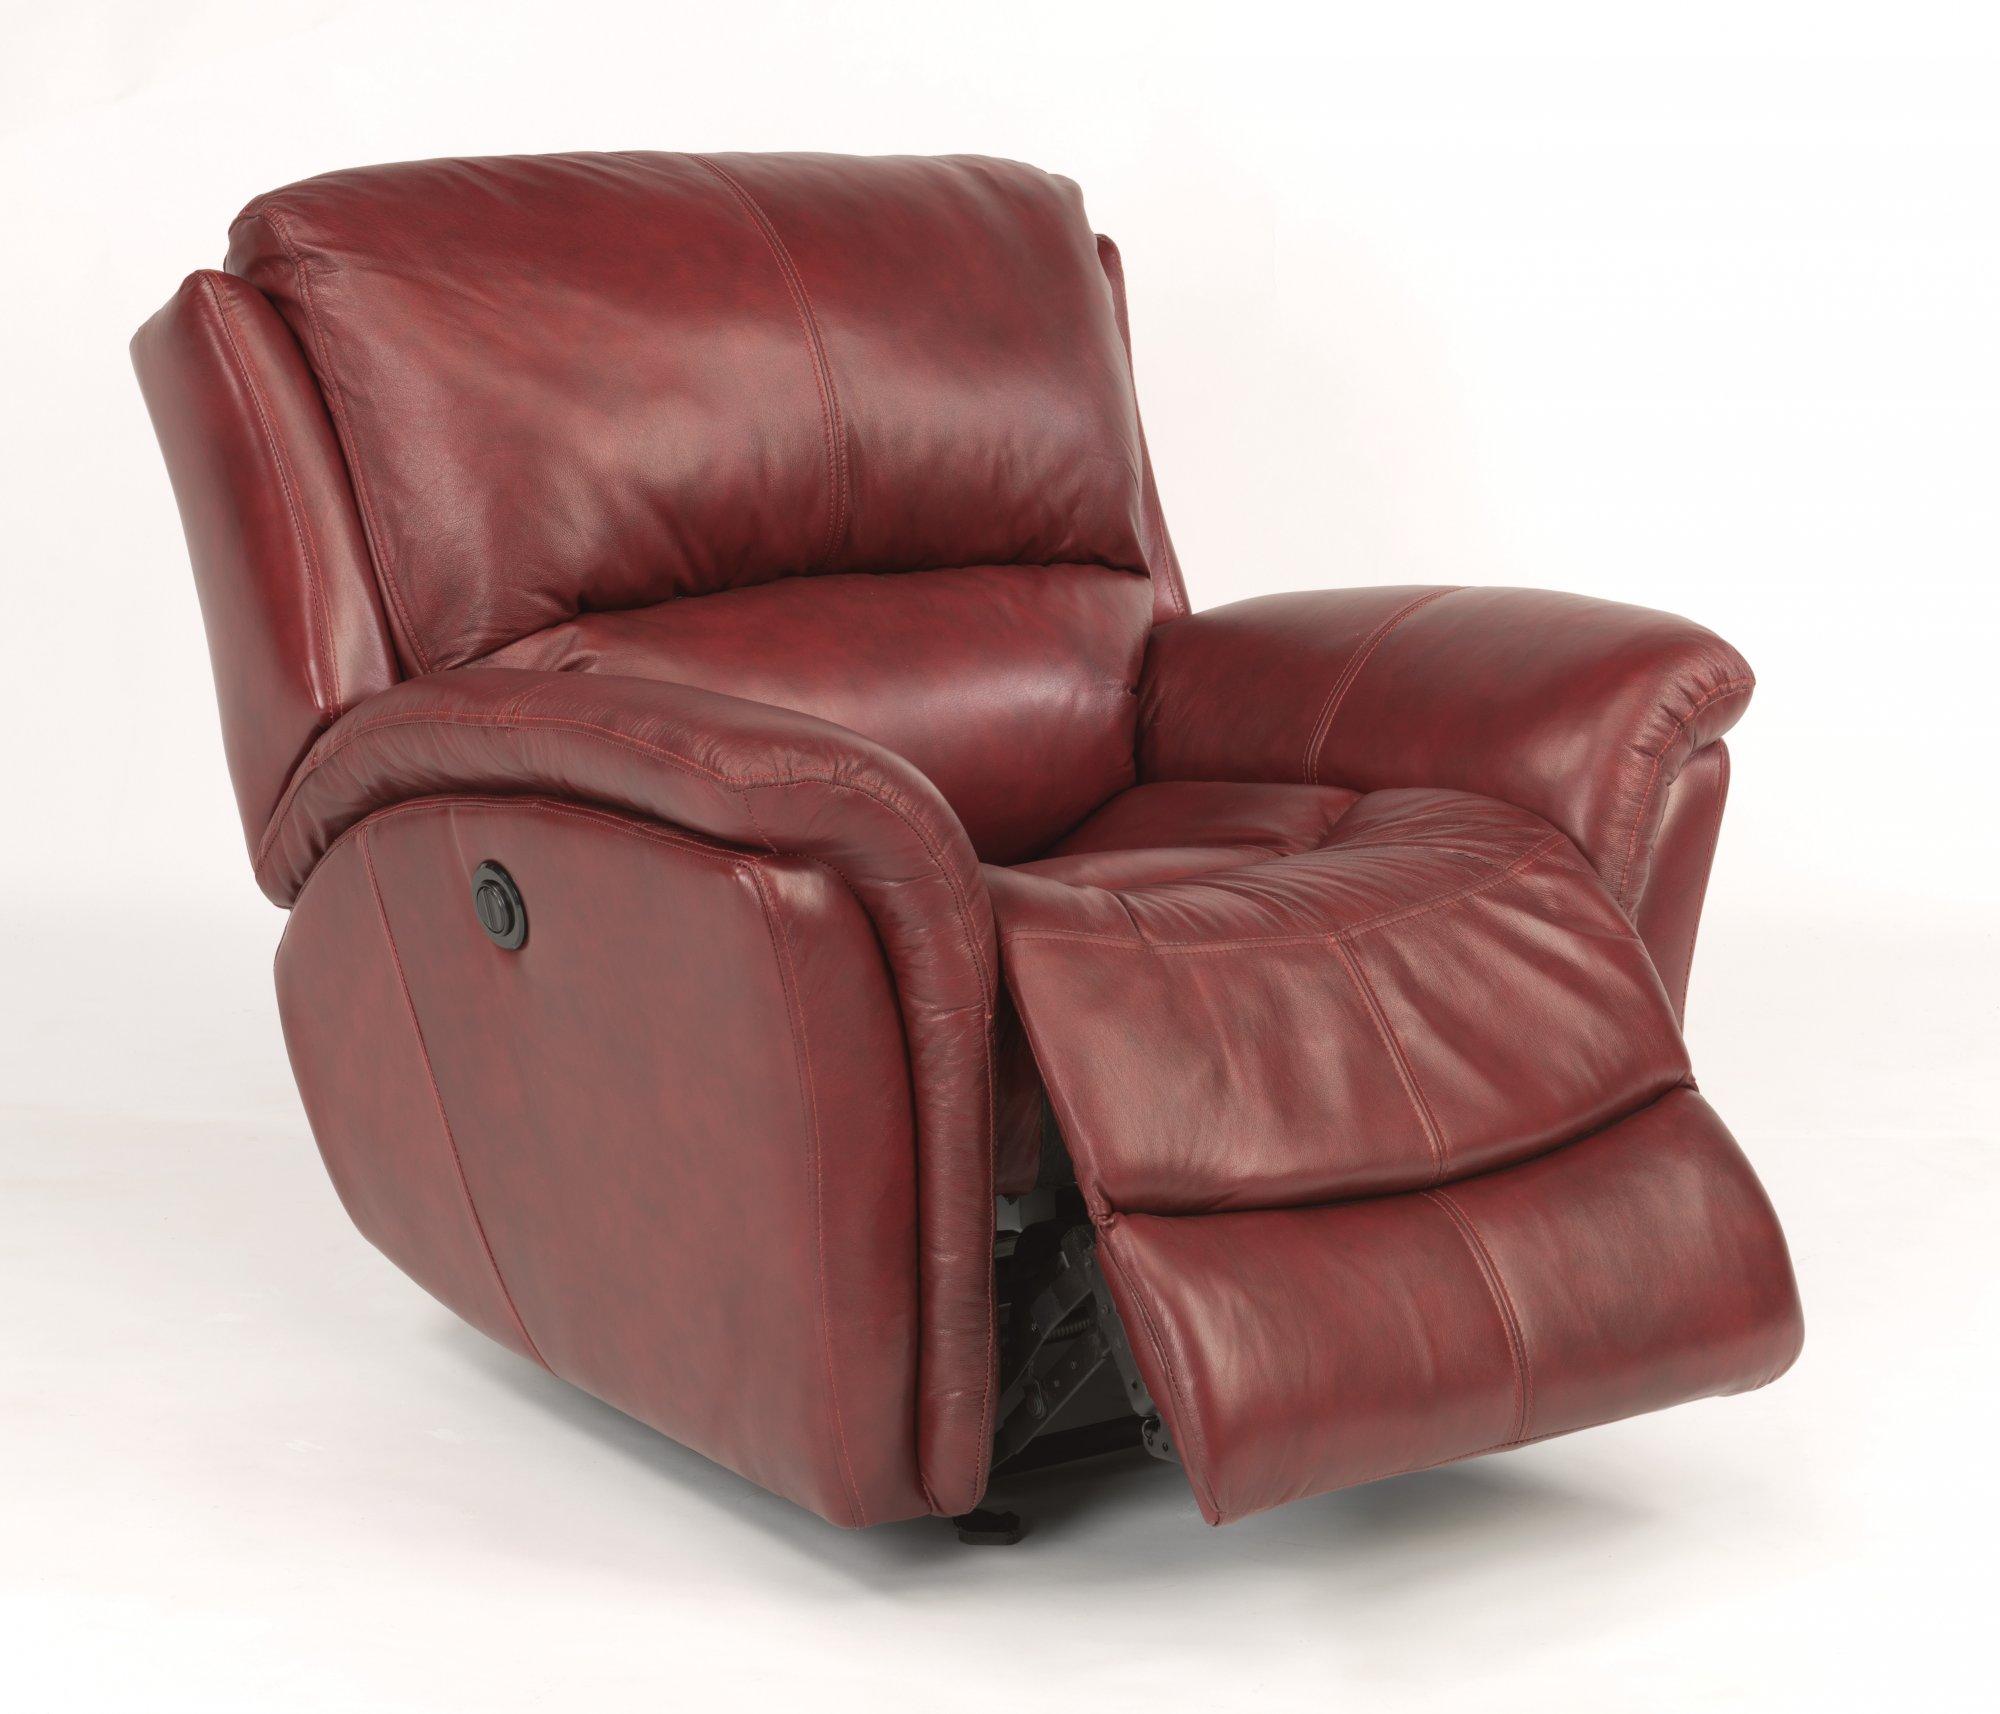 Flexsteel Sofa Recliner Parts Baci Living Room